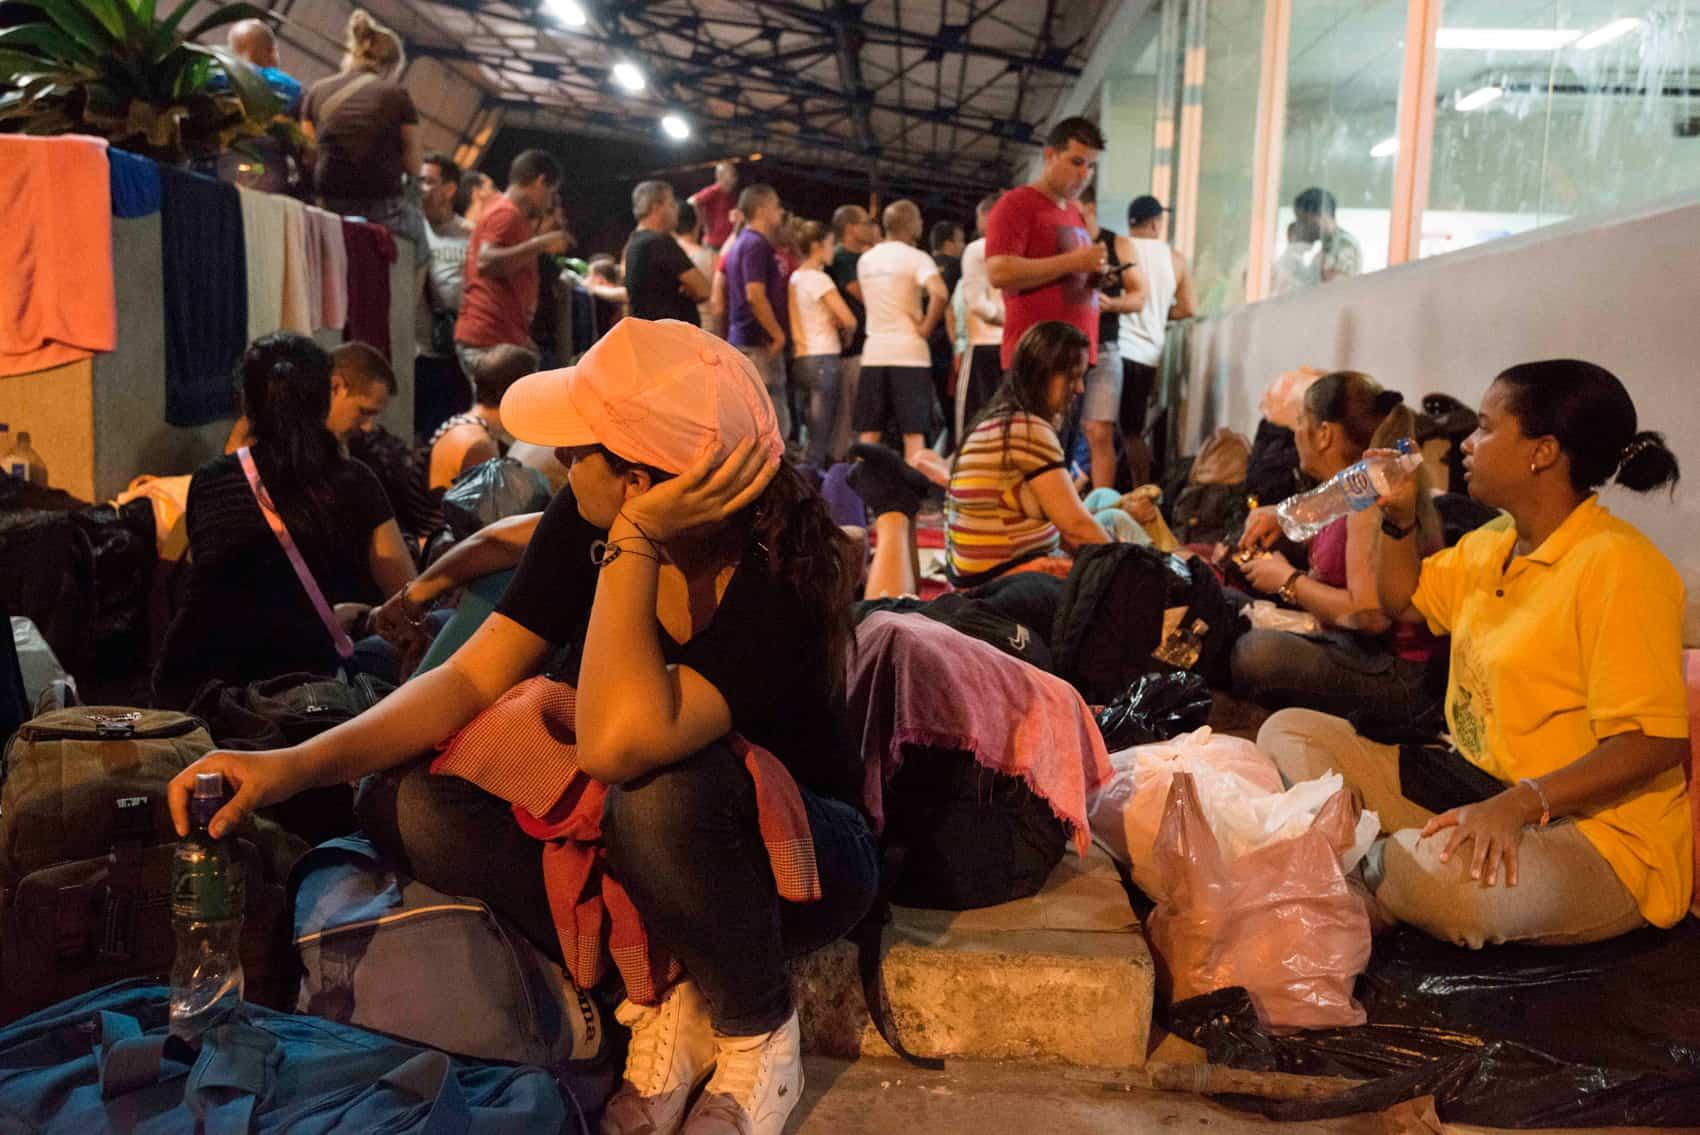 Cuban migrants: Ecuador visa Cubans